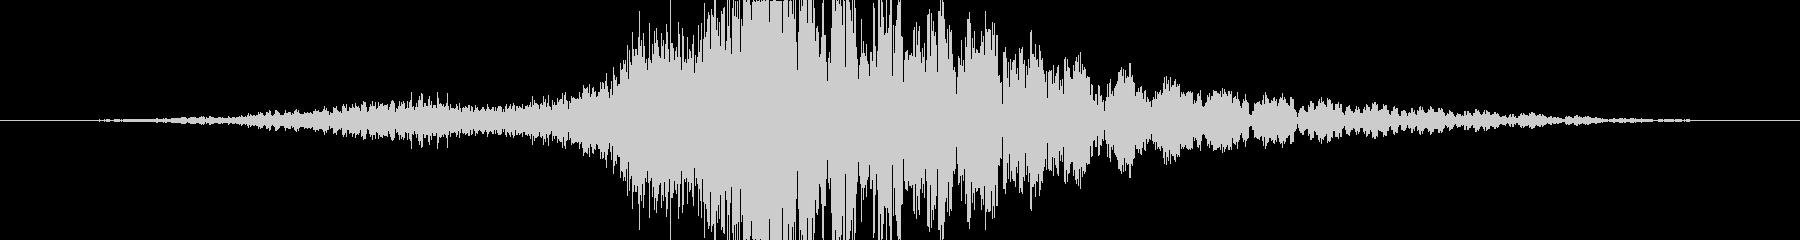 トランジション プロモーションパッド40の未再生の波形